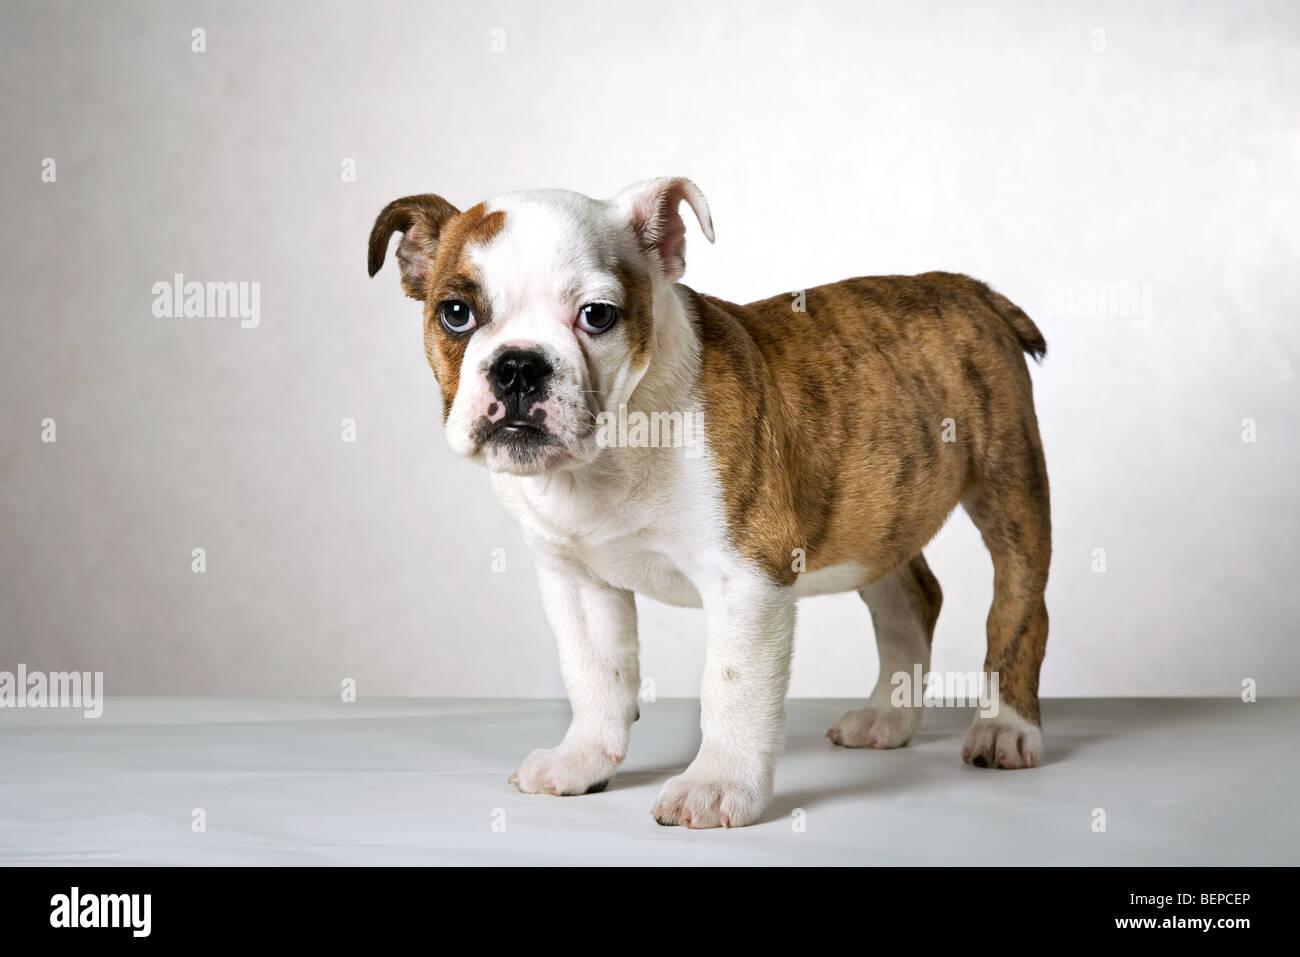 Cute English bulldog pup, UK - Stock Image